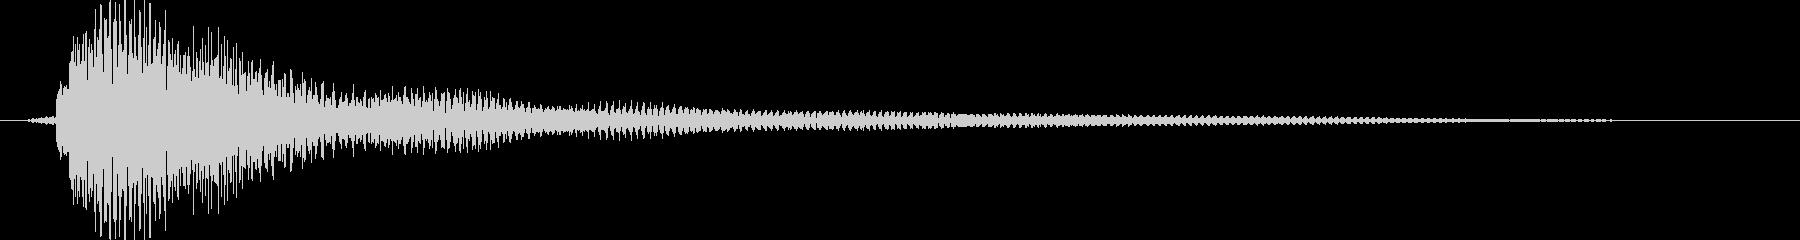 素材 ナイロンギターコードフルマイ...の未再生の波形